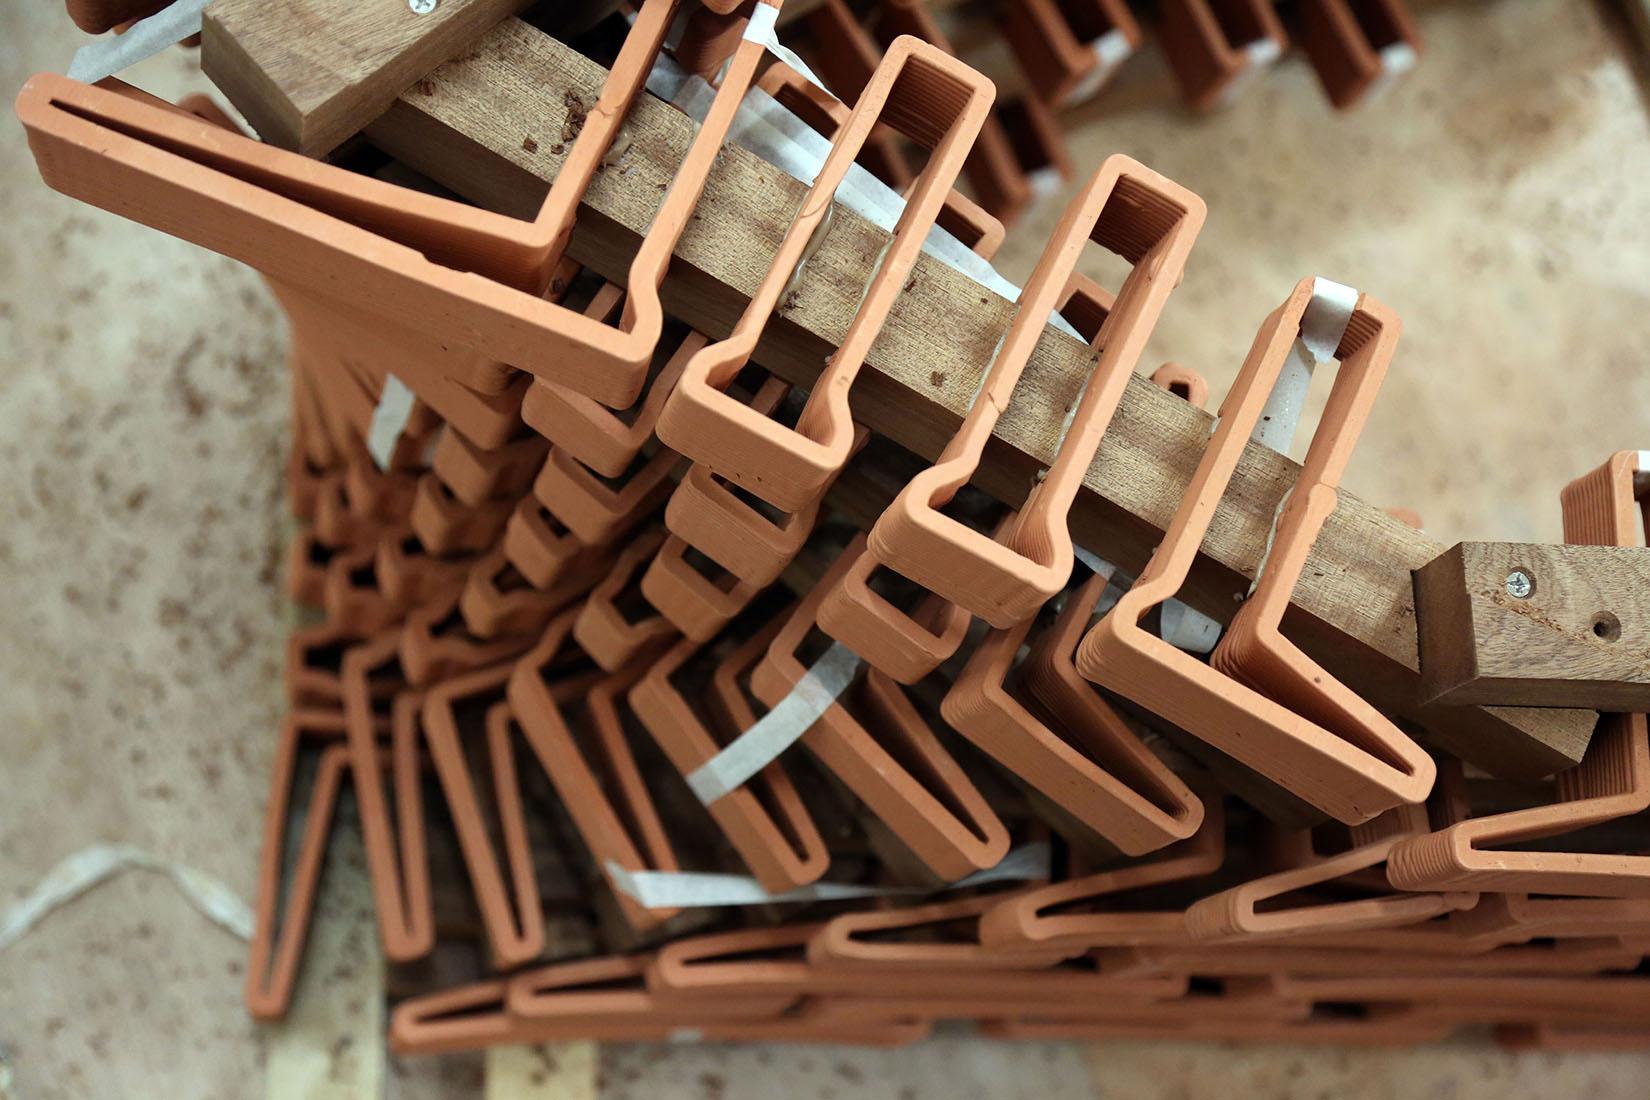 Ceramic Constellation Pavilion, clay robotics, 3d printed bricks, robotically manufactured teracotta bricks, ceramic architecture